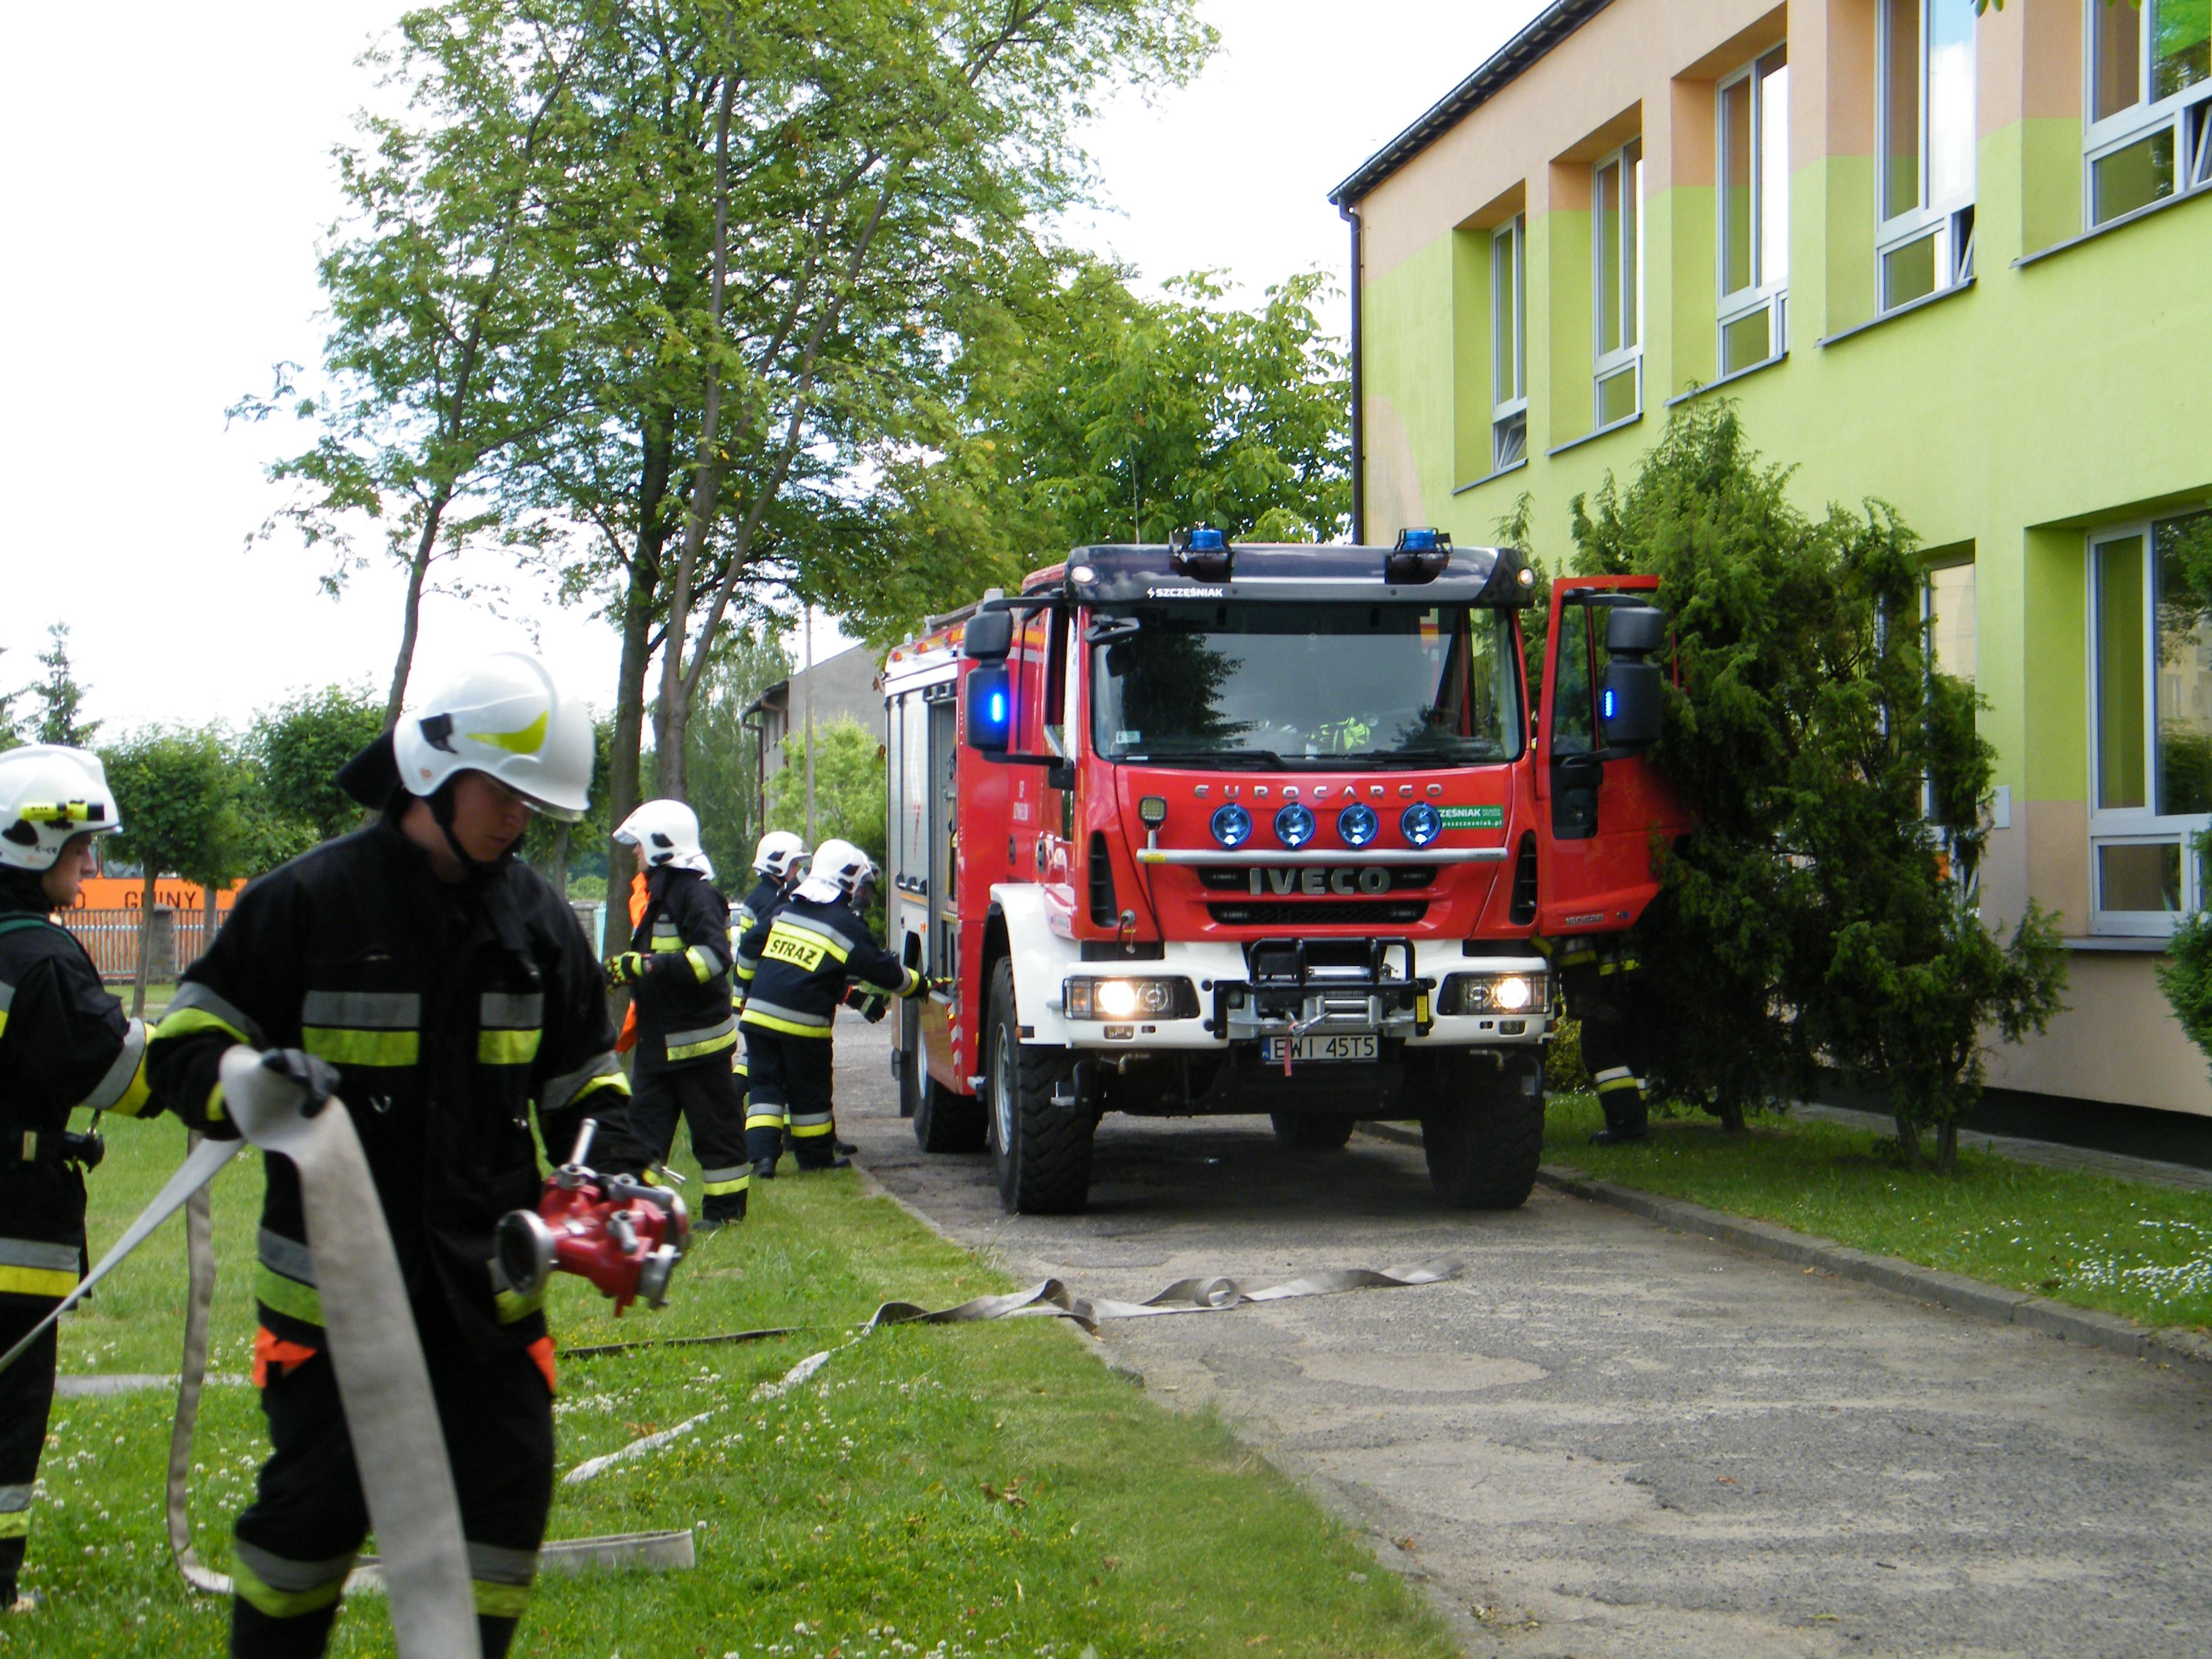 Ćwiczenia zzakresu sprawdzenia organizacji iwarunków ewakuacji wPublicznym Gimnazjum iwSzkole Podstawowej wKonopnicy